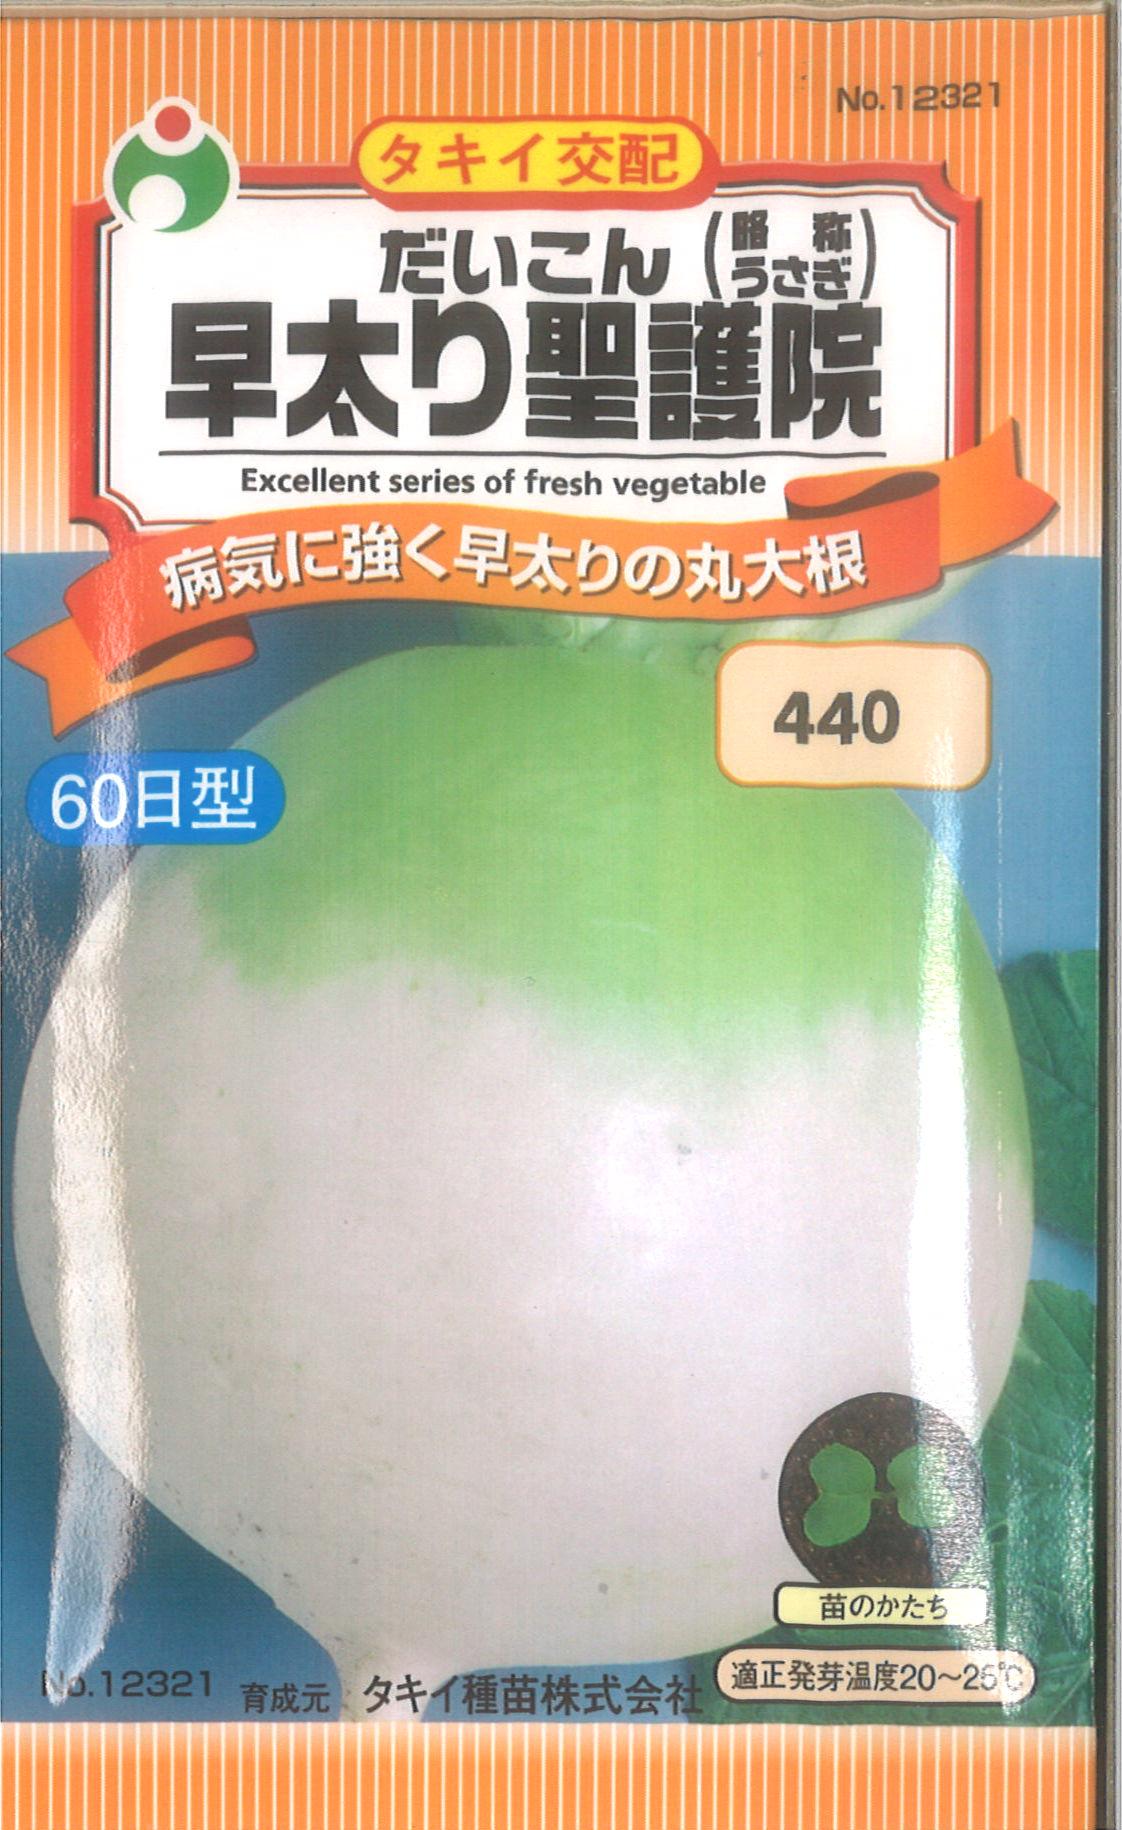 【代引不可】【5袋まで送料80円】 □ ダイコン 早太り聖護院 うさぎ